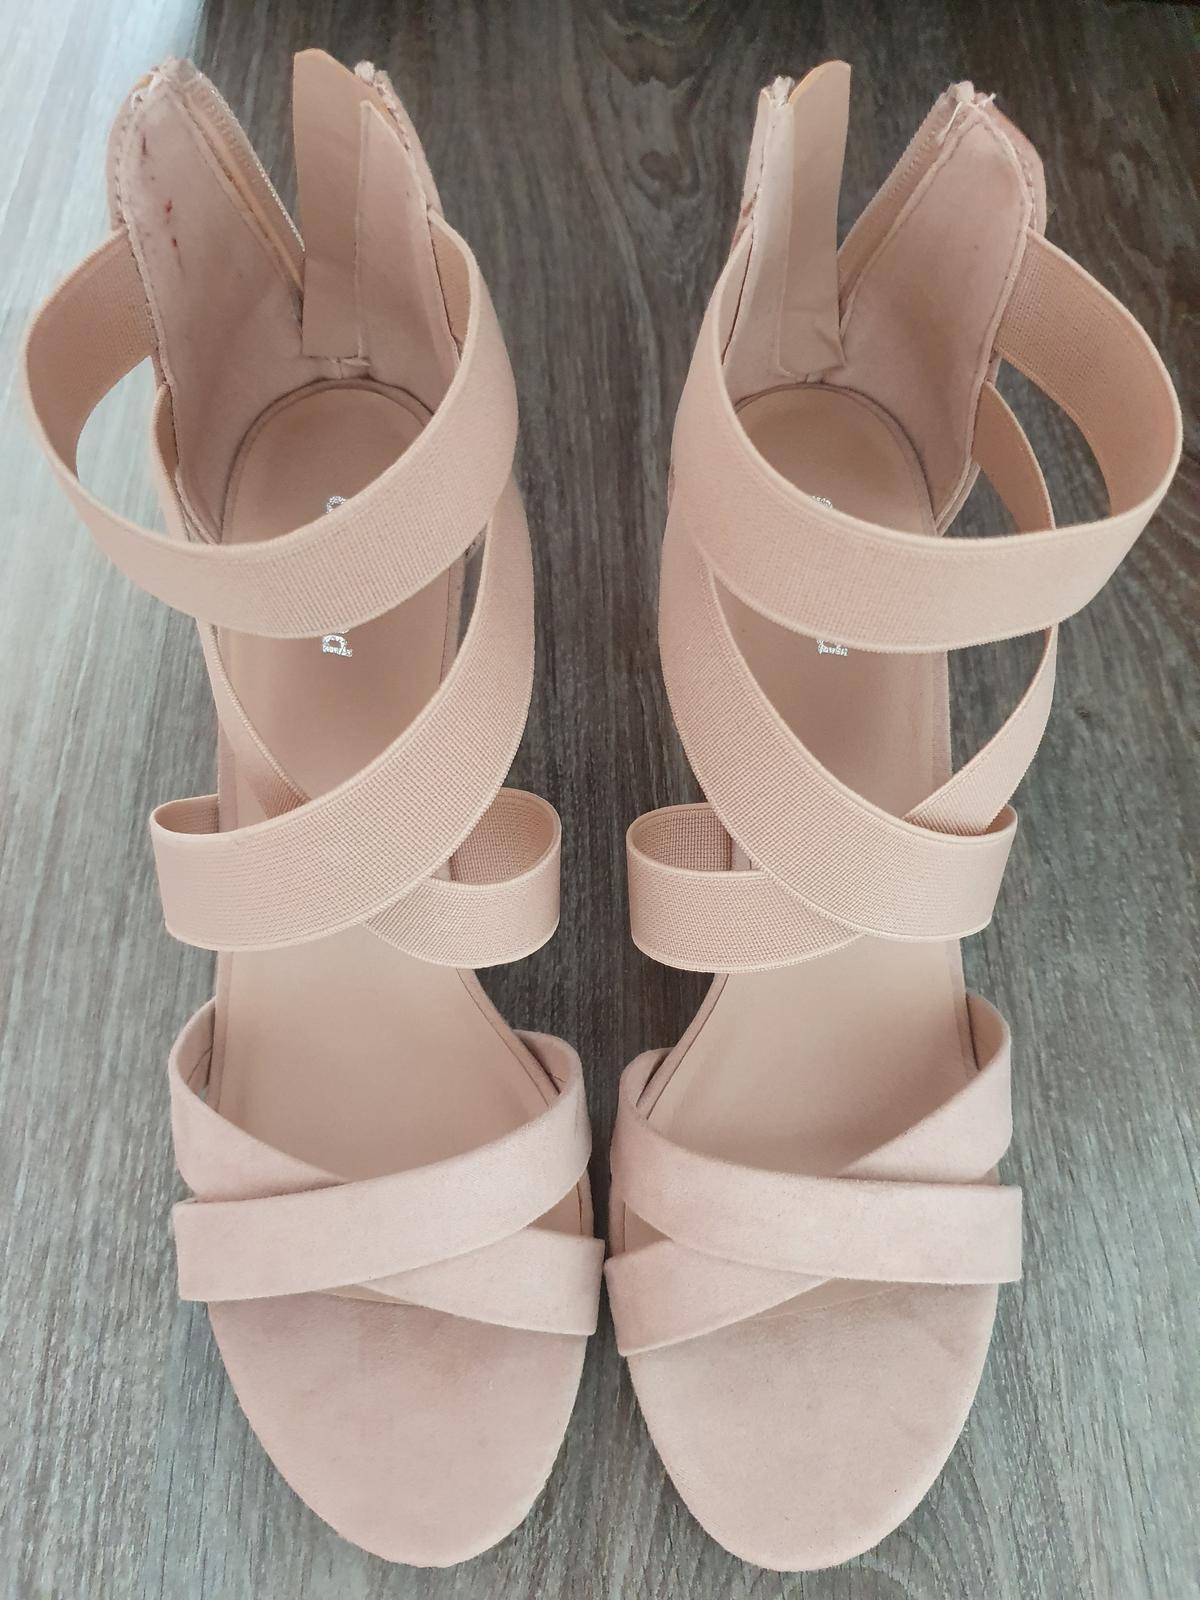 Ružové sandalky - Obrázok č. 2